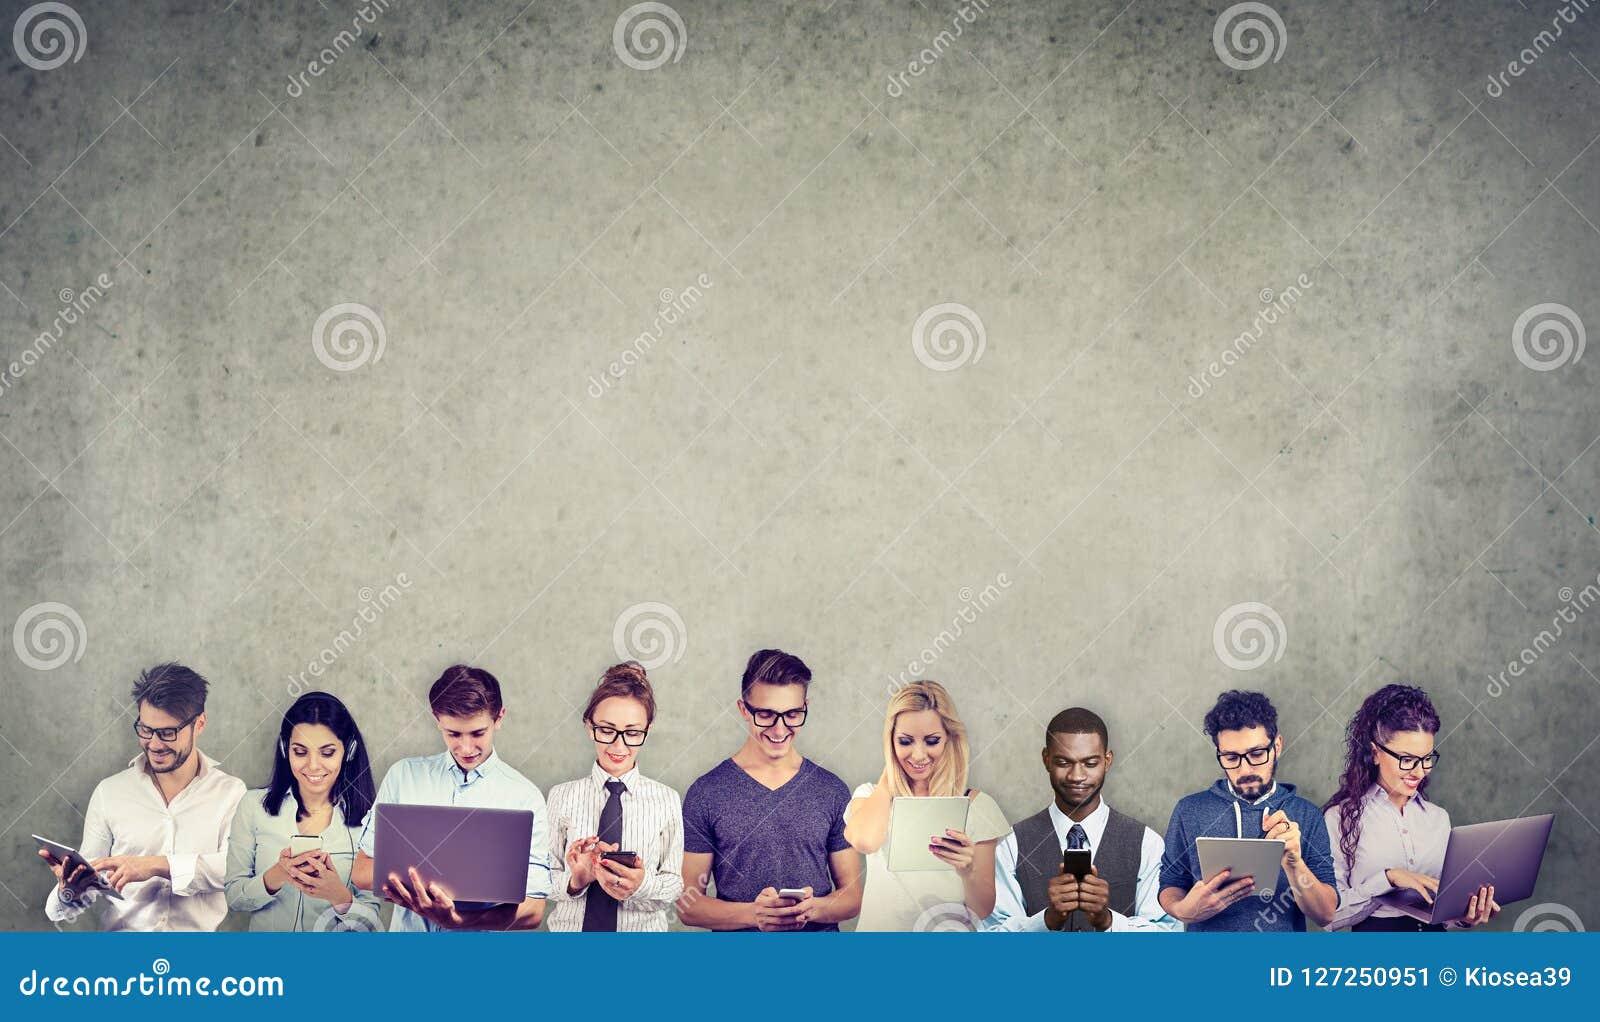 Le groupe de personnes multiculturelles s est relié à l aide des instruments mobiles numériques